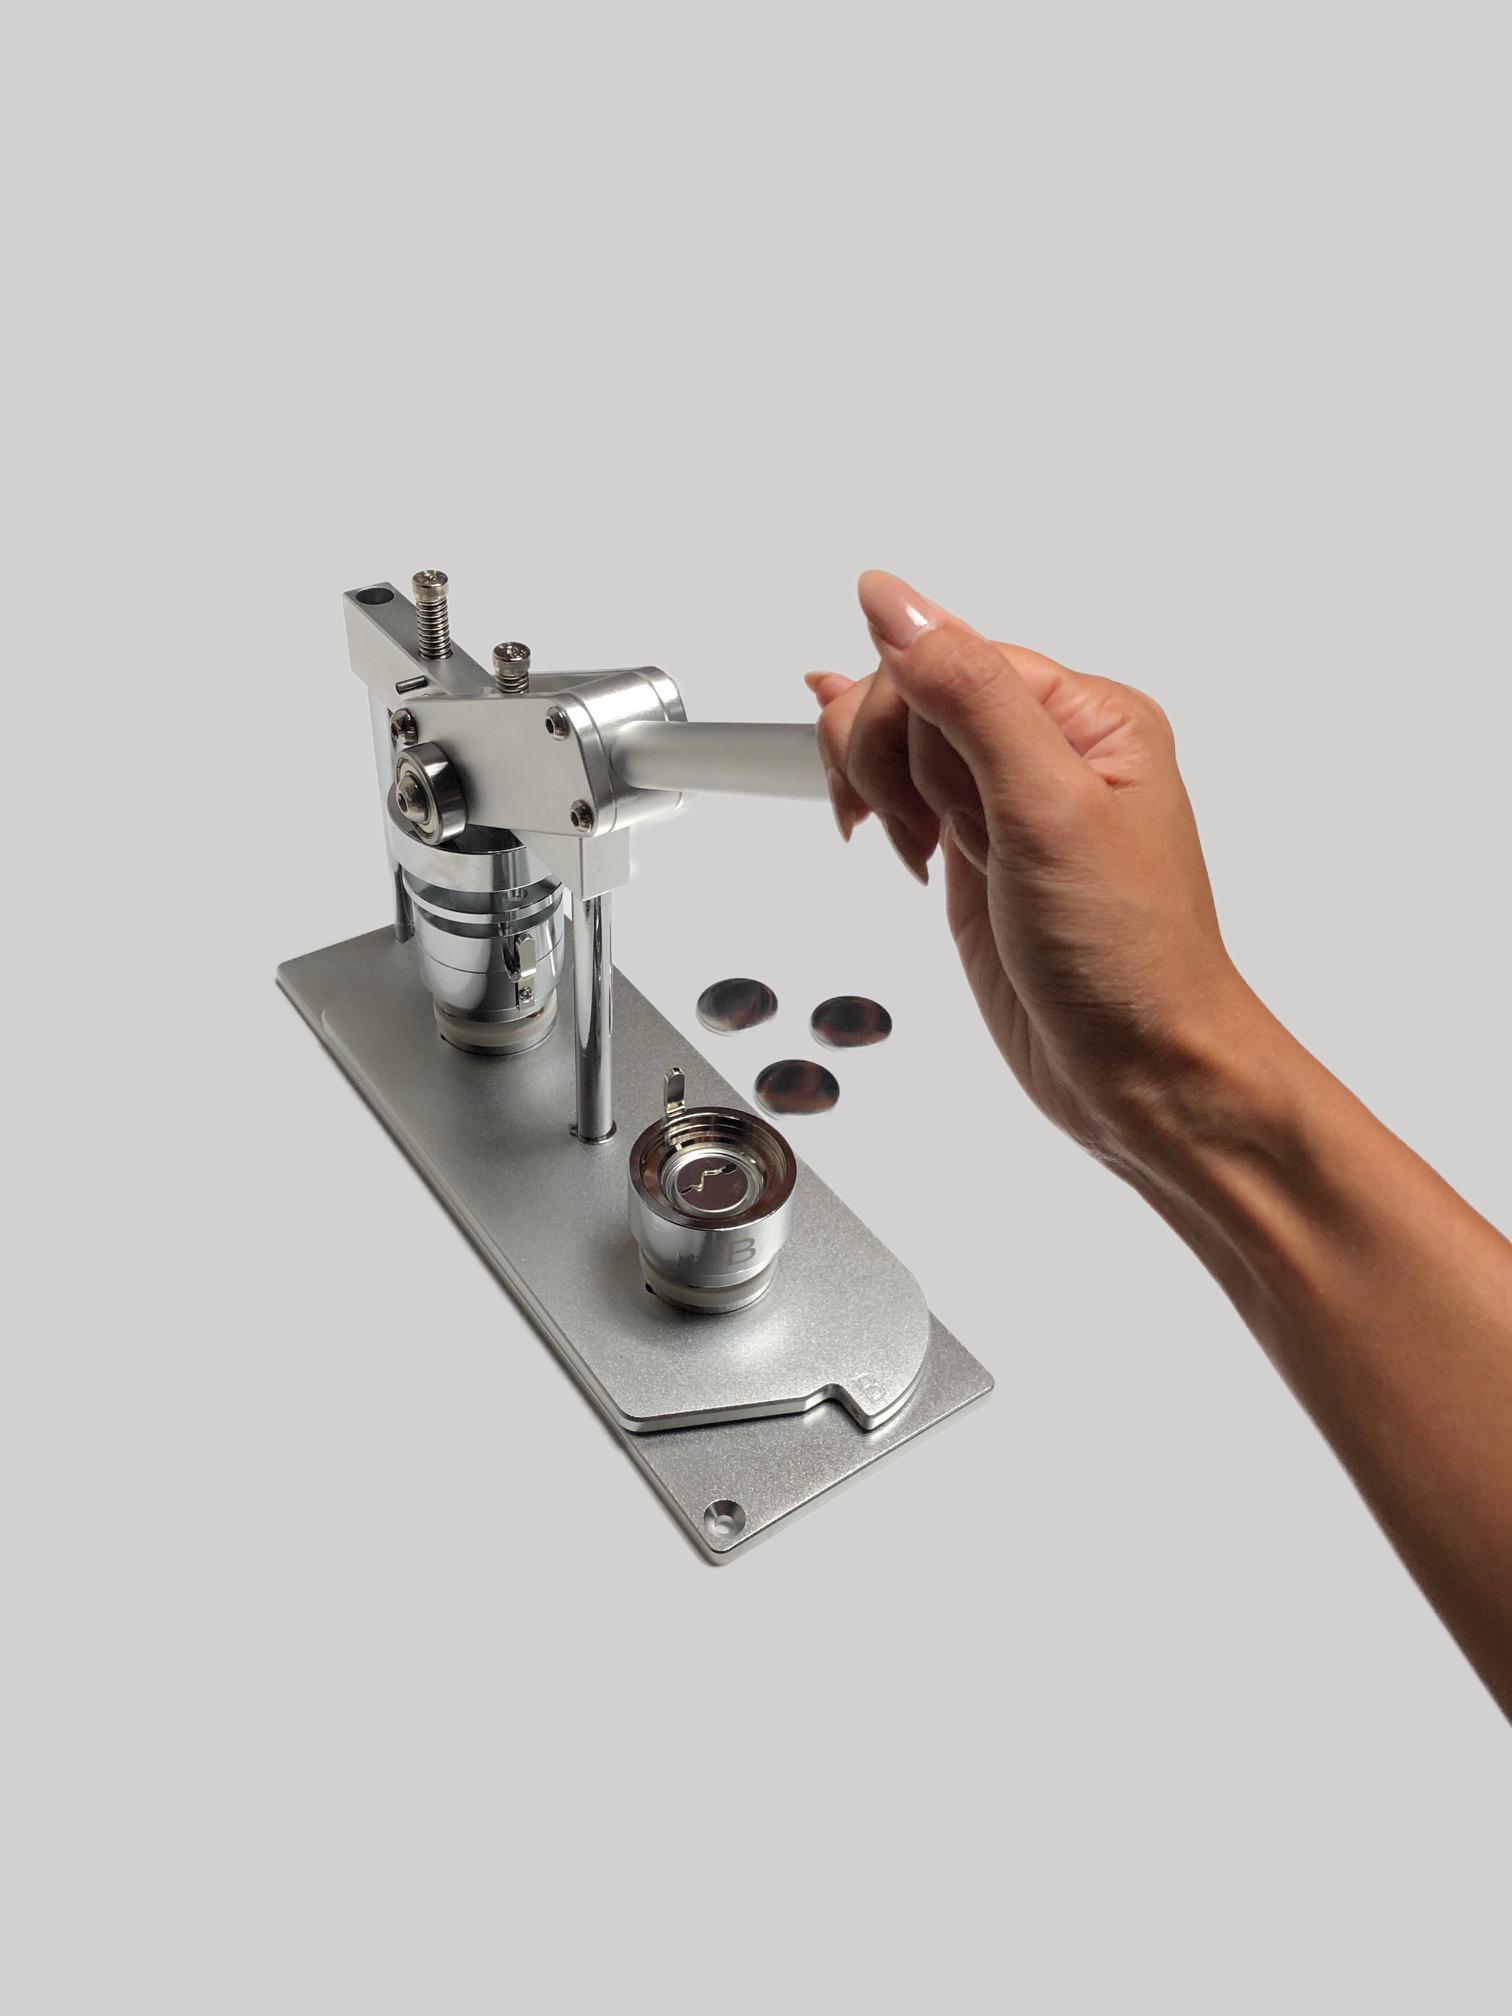 apdat-button-making-press